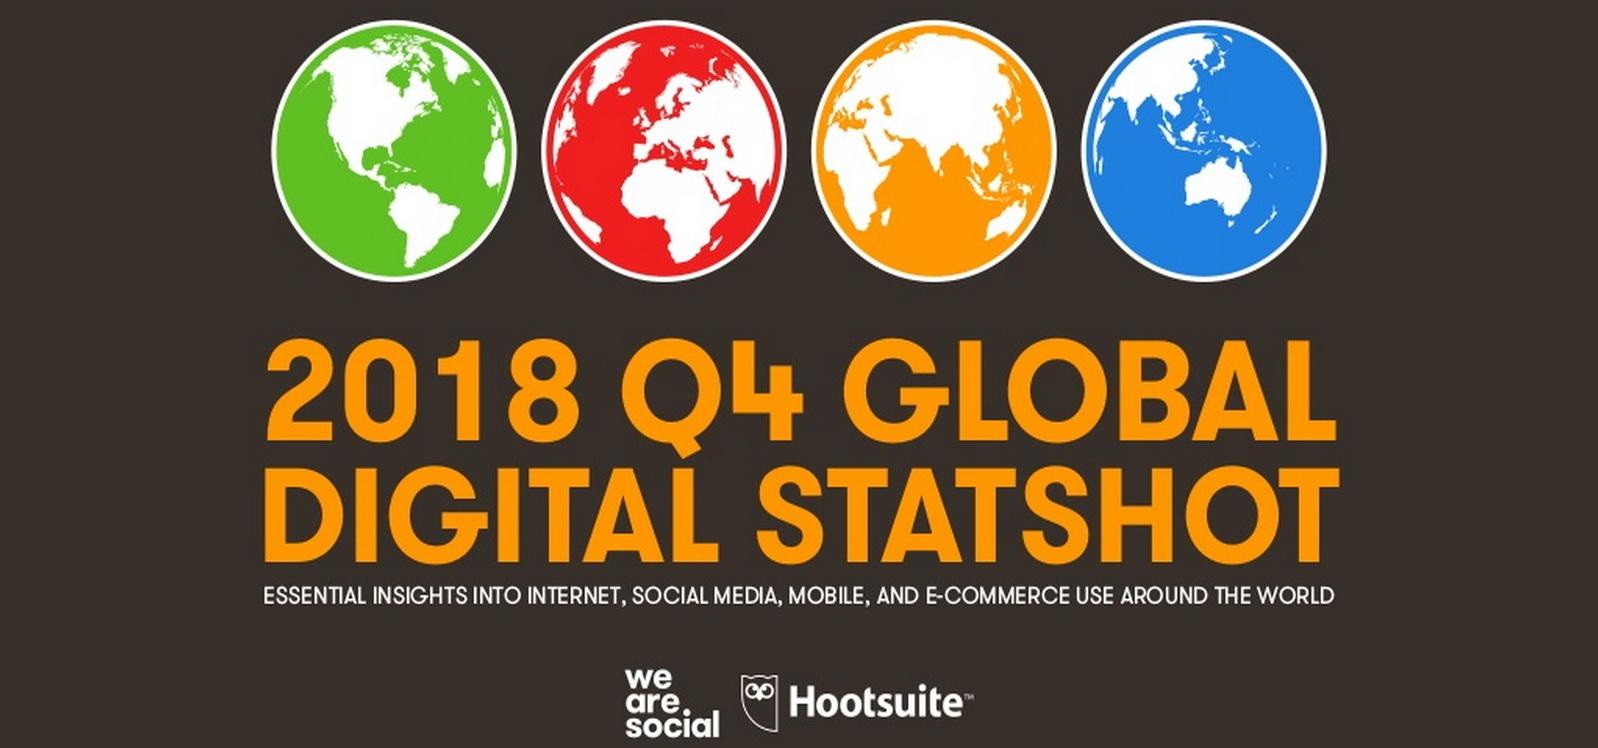 Hootsuite, en collaboration avec We Are Social, a publié son dernier état des lieux